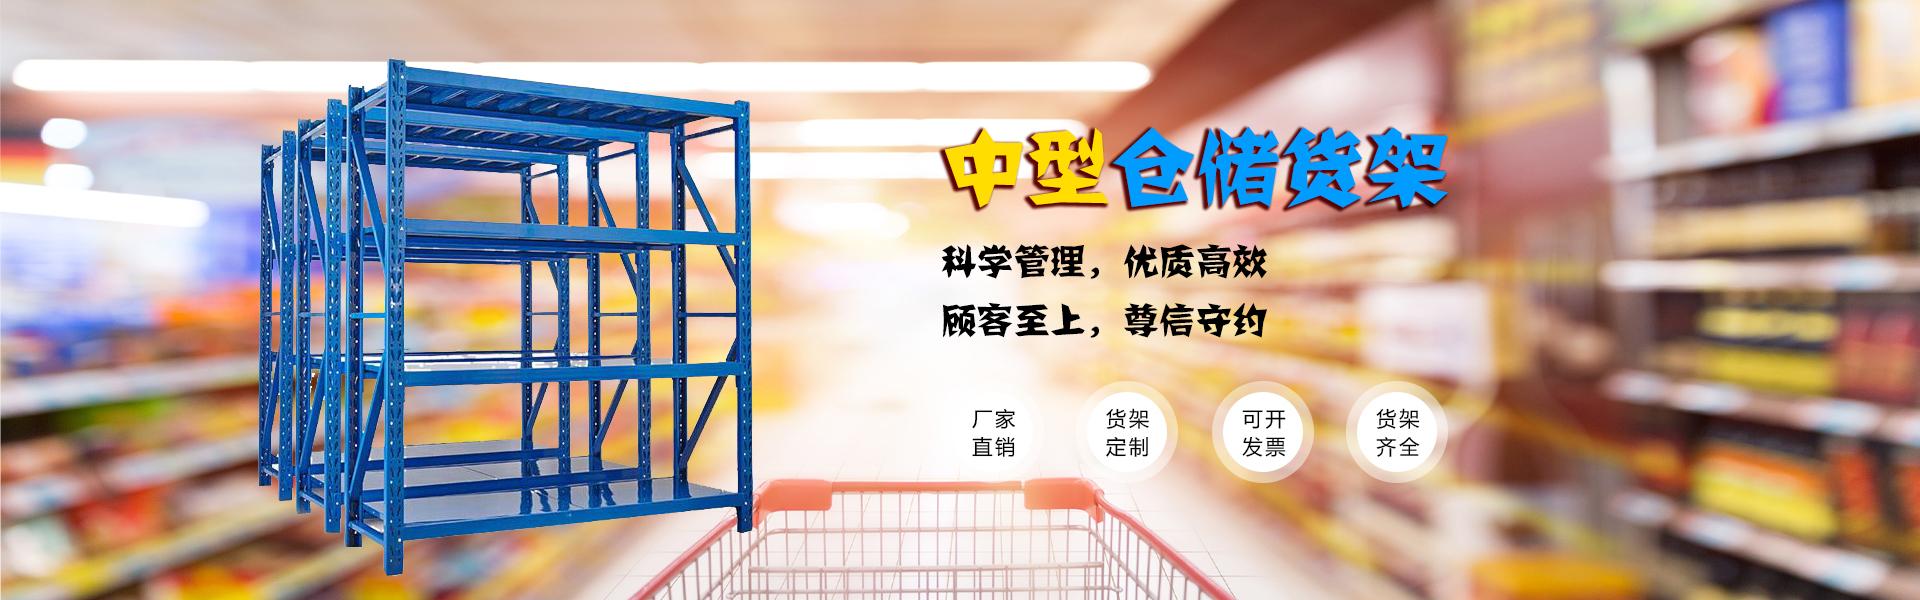 沈阳鑫金塔仓储设备有限公司